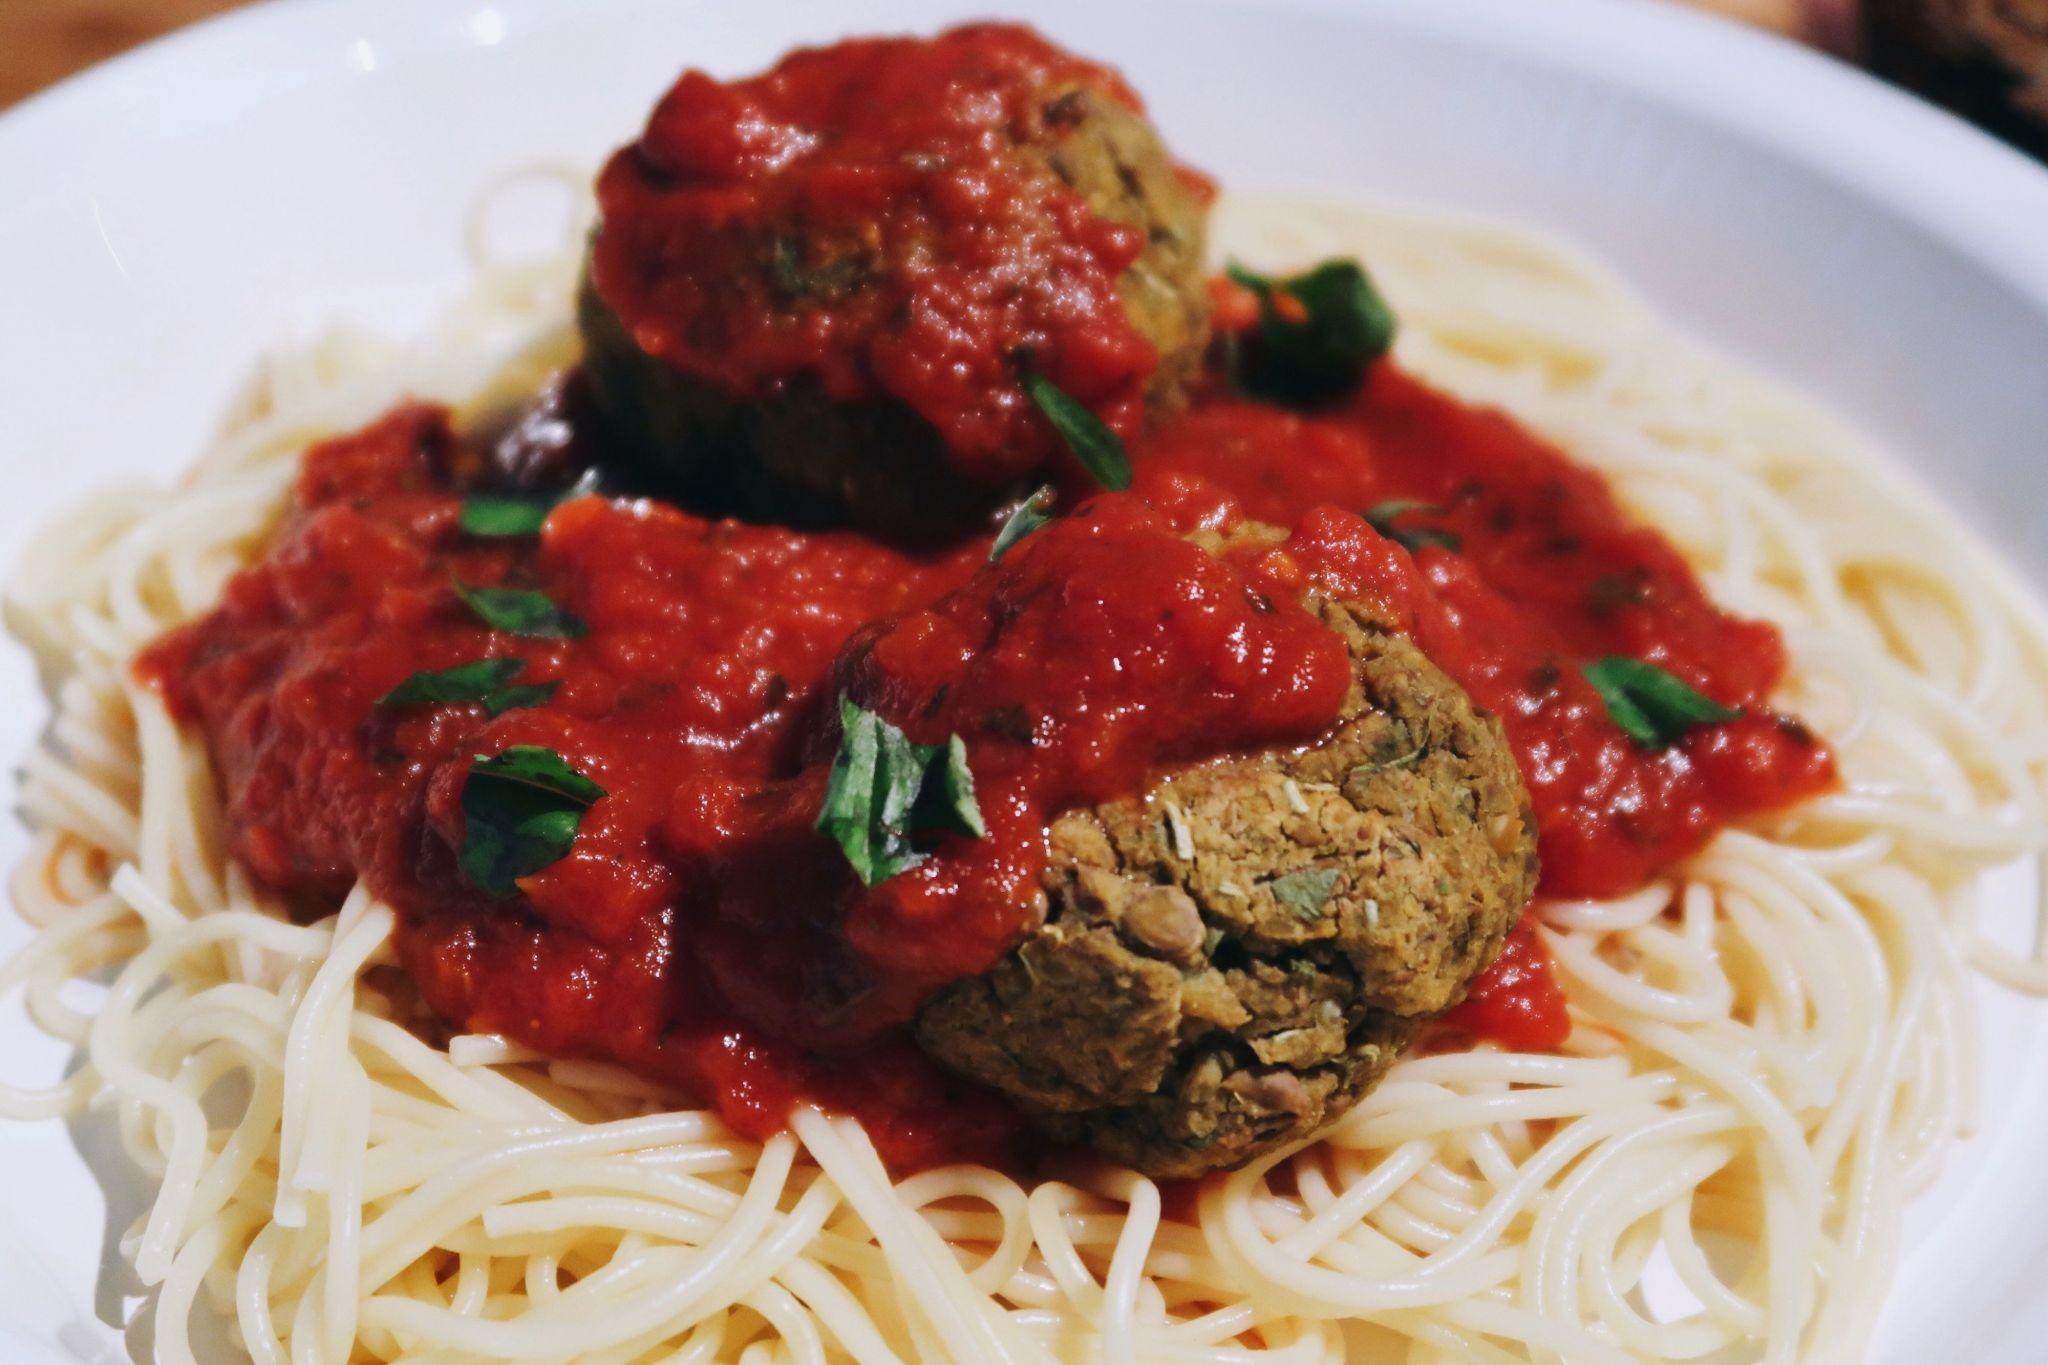 Spaghetti with Lentil Quinoa Balls